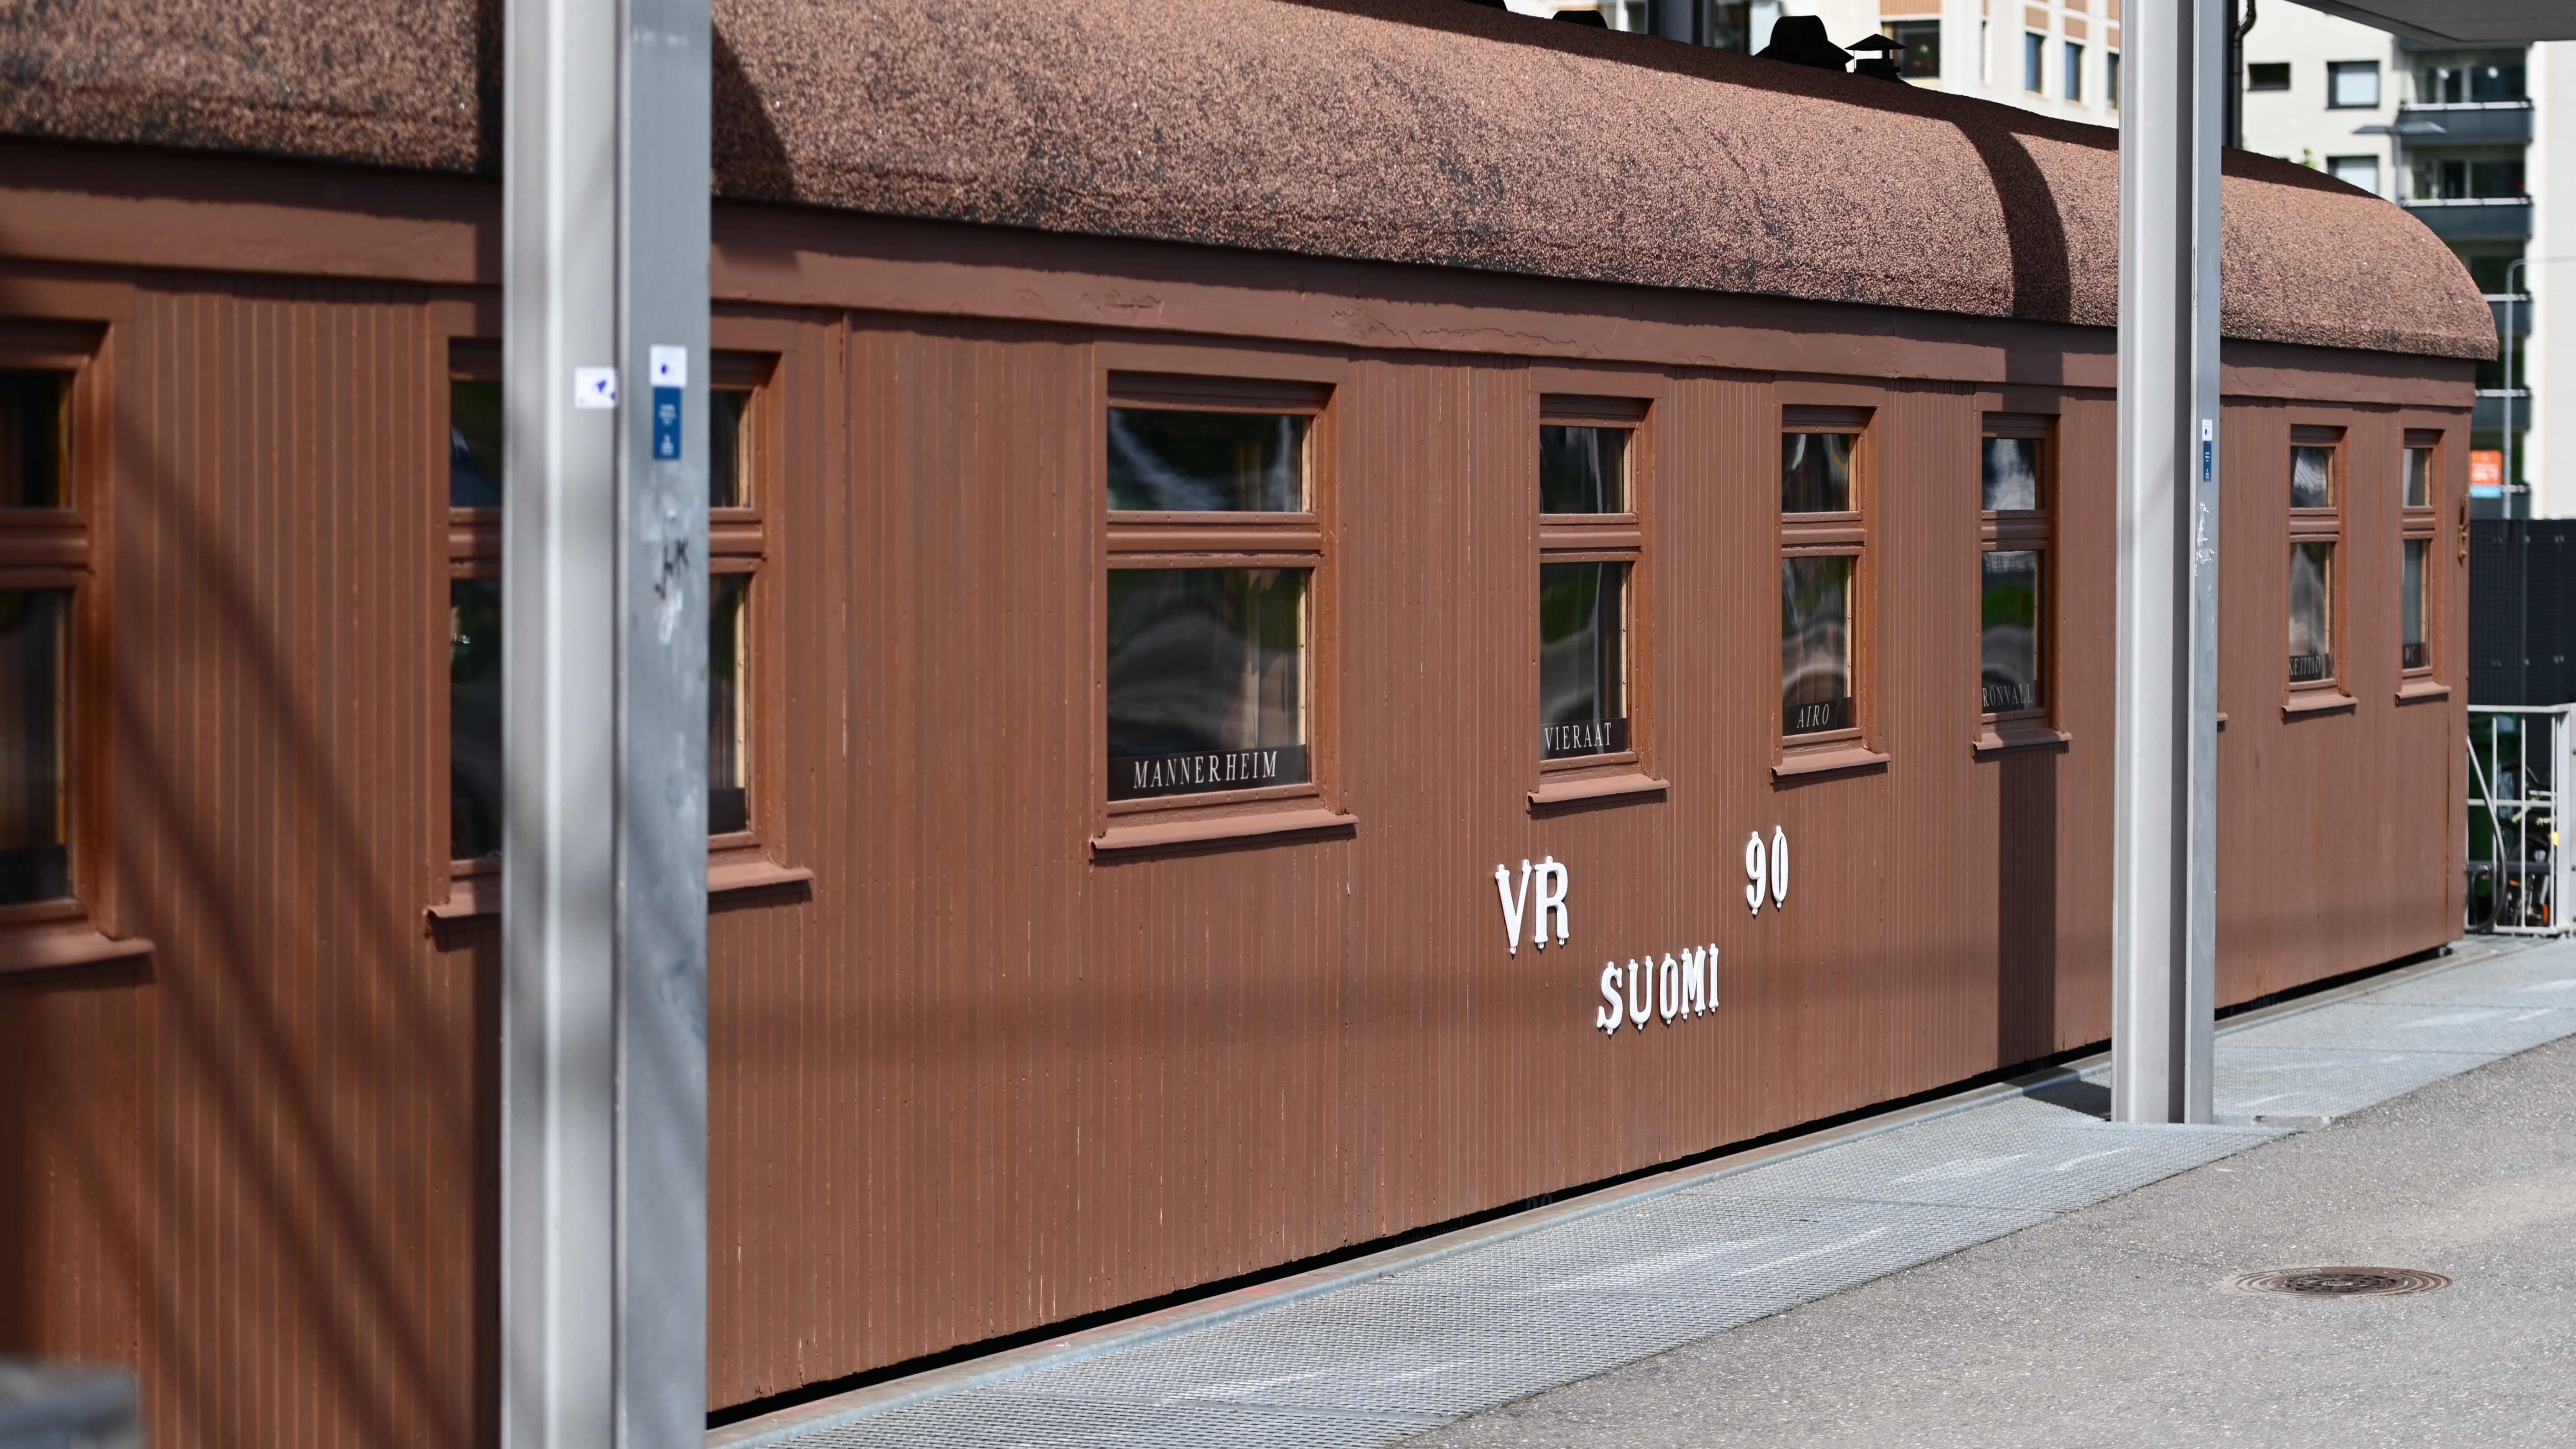 Mannerheimin salonkivaunu Mikkelissä